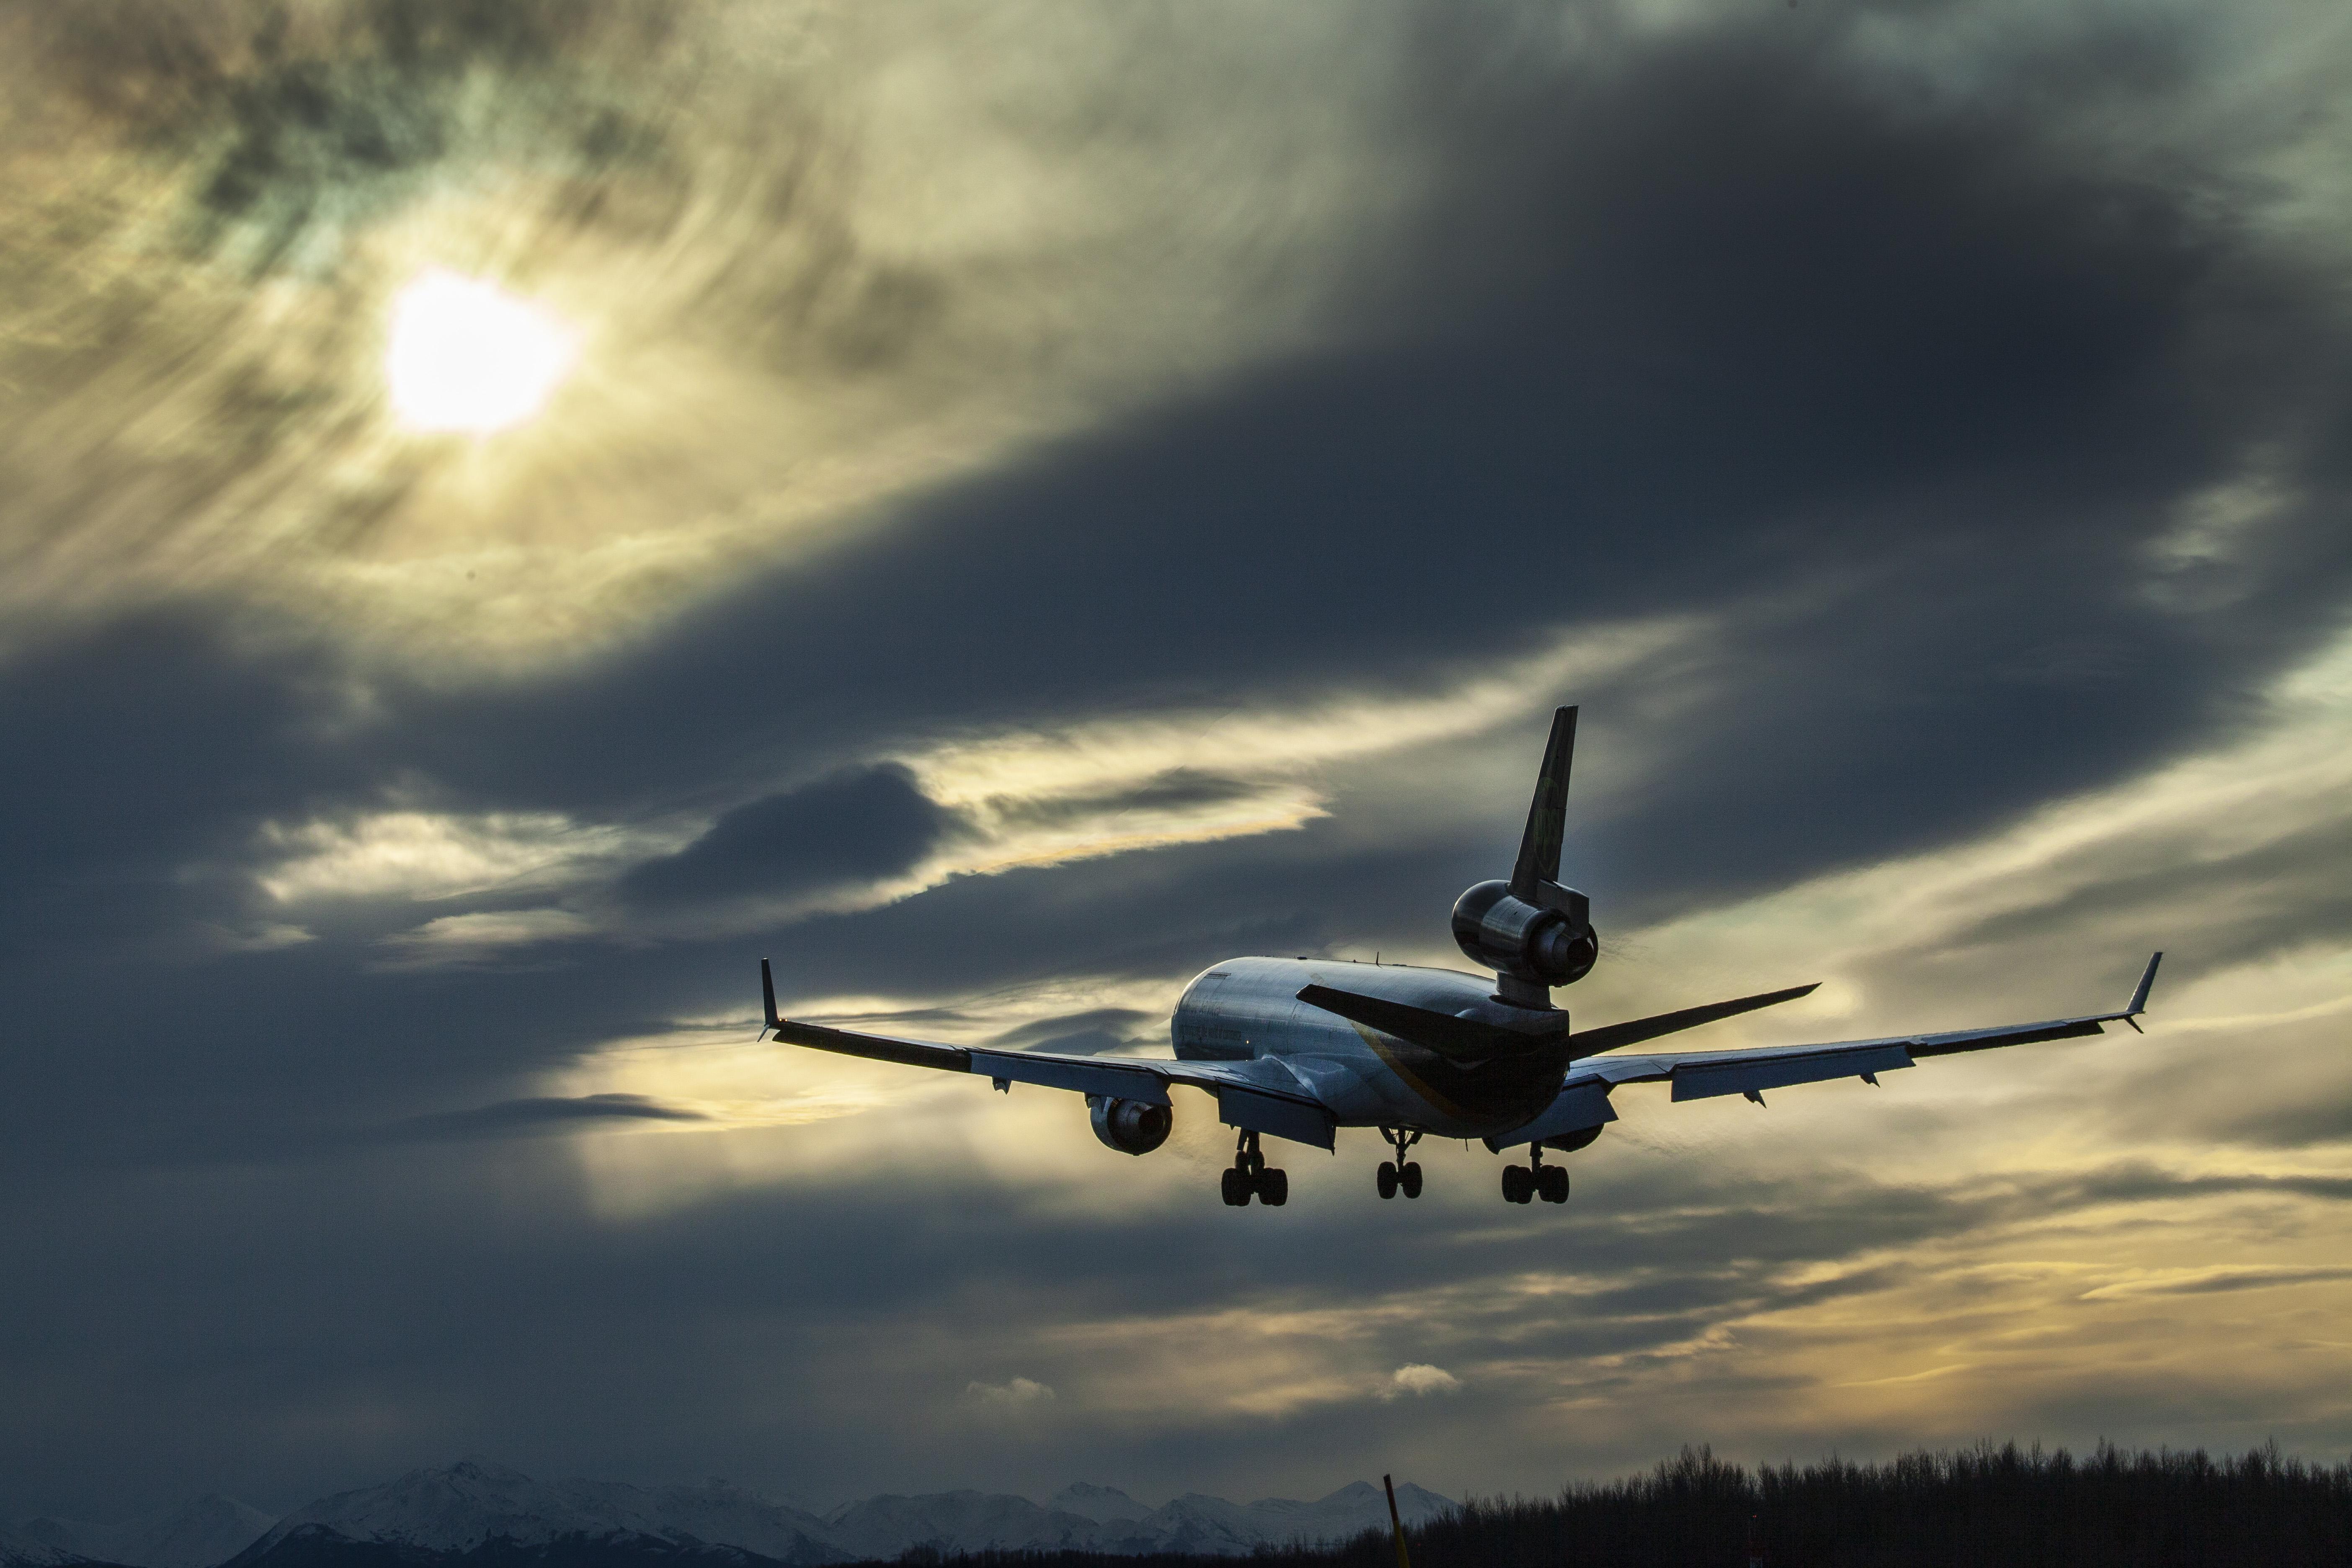 Alaska Air Cargo Photography Opportunity